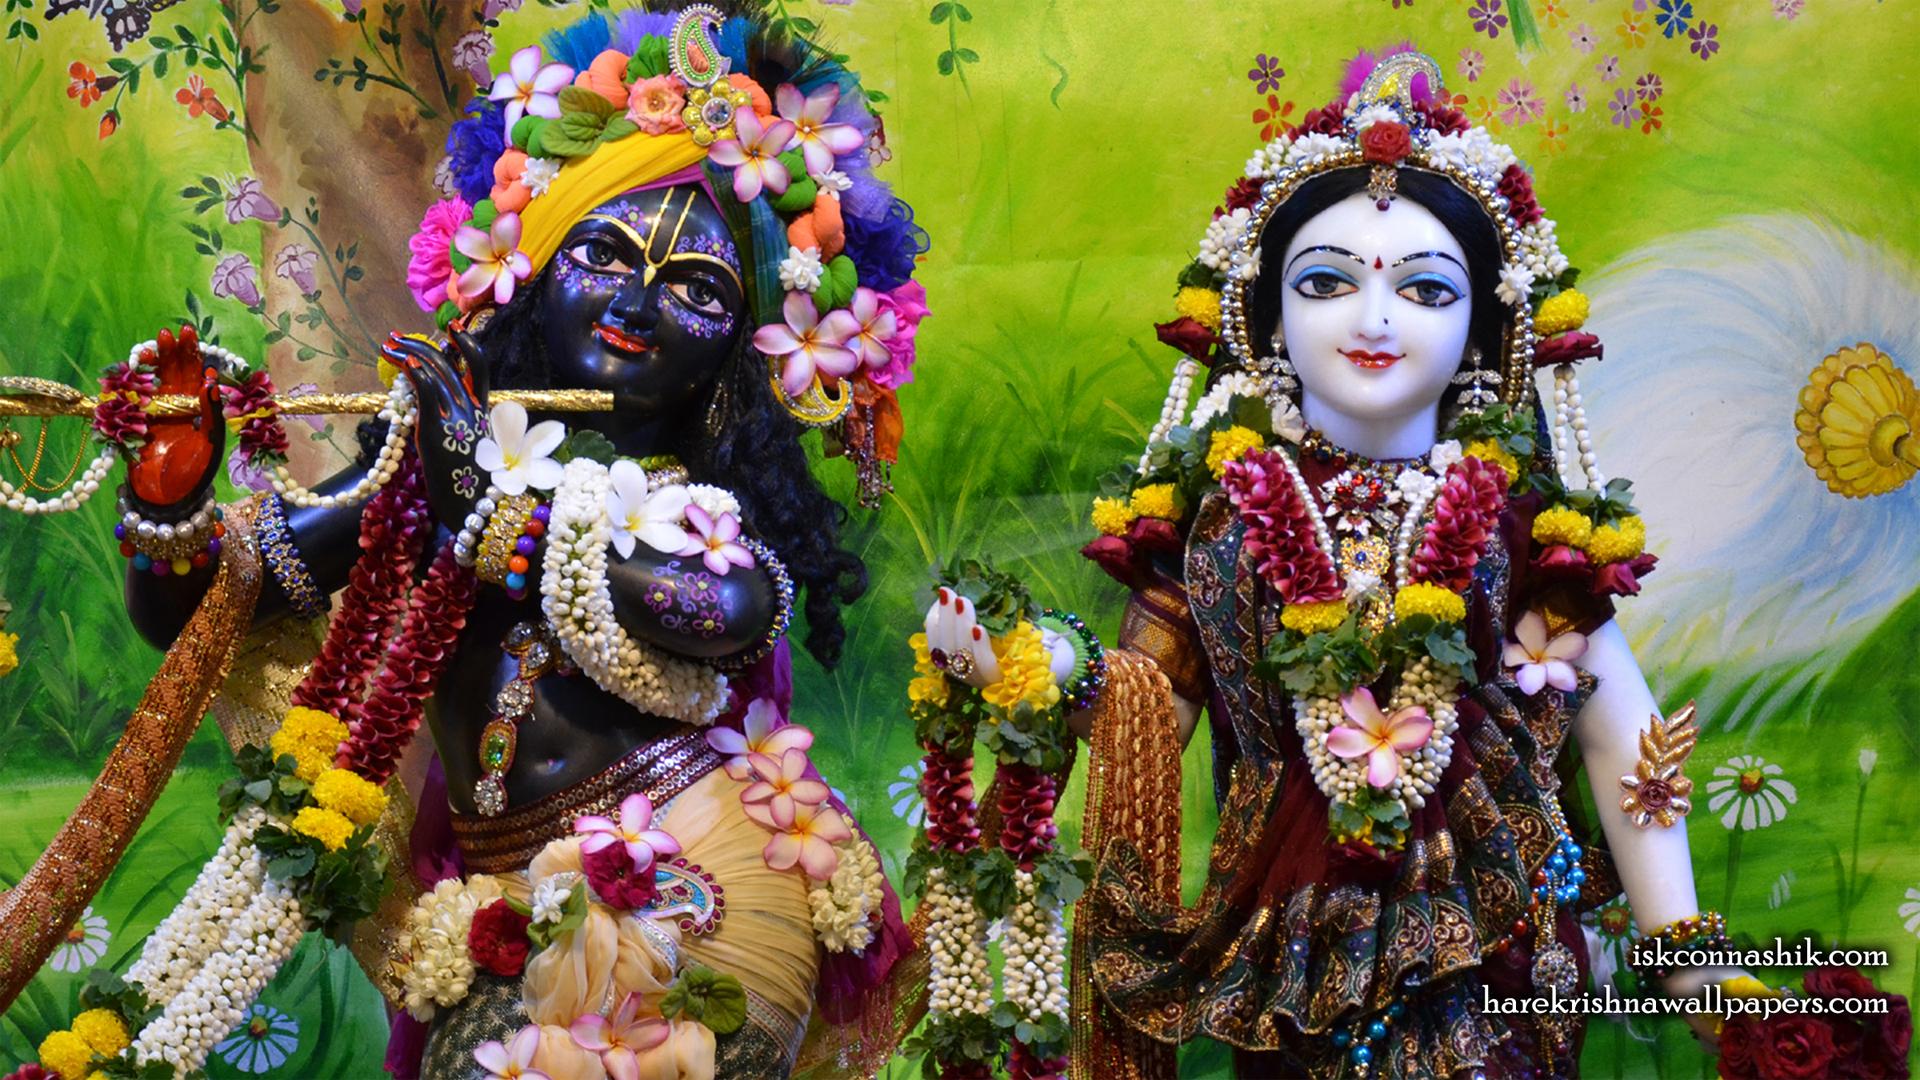 Sri Sri Radha Madan Gopal Close up Wallpaper (017) Size 1920x1080 Download